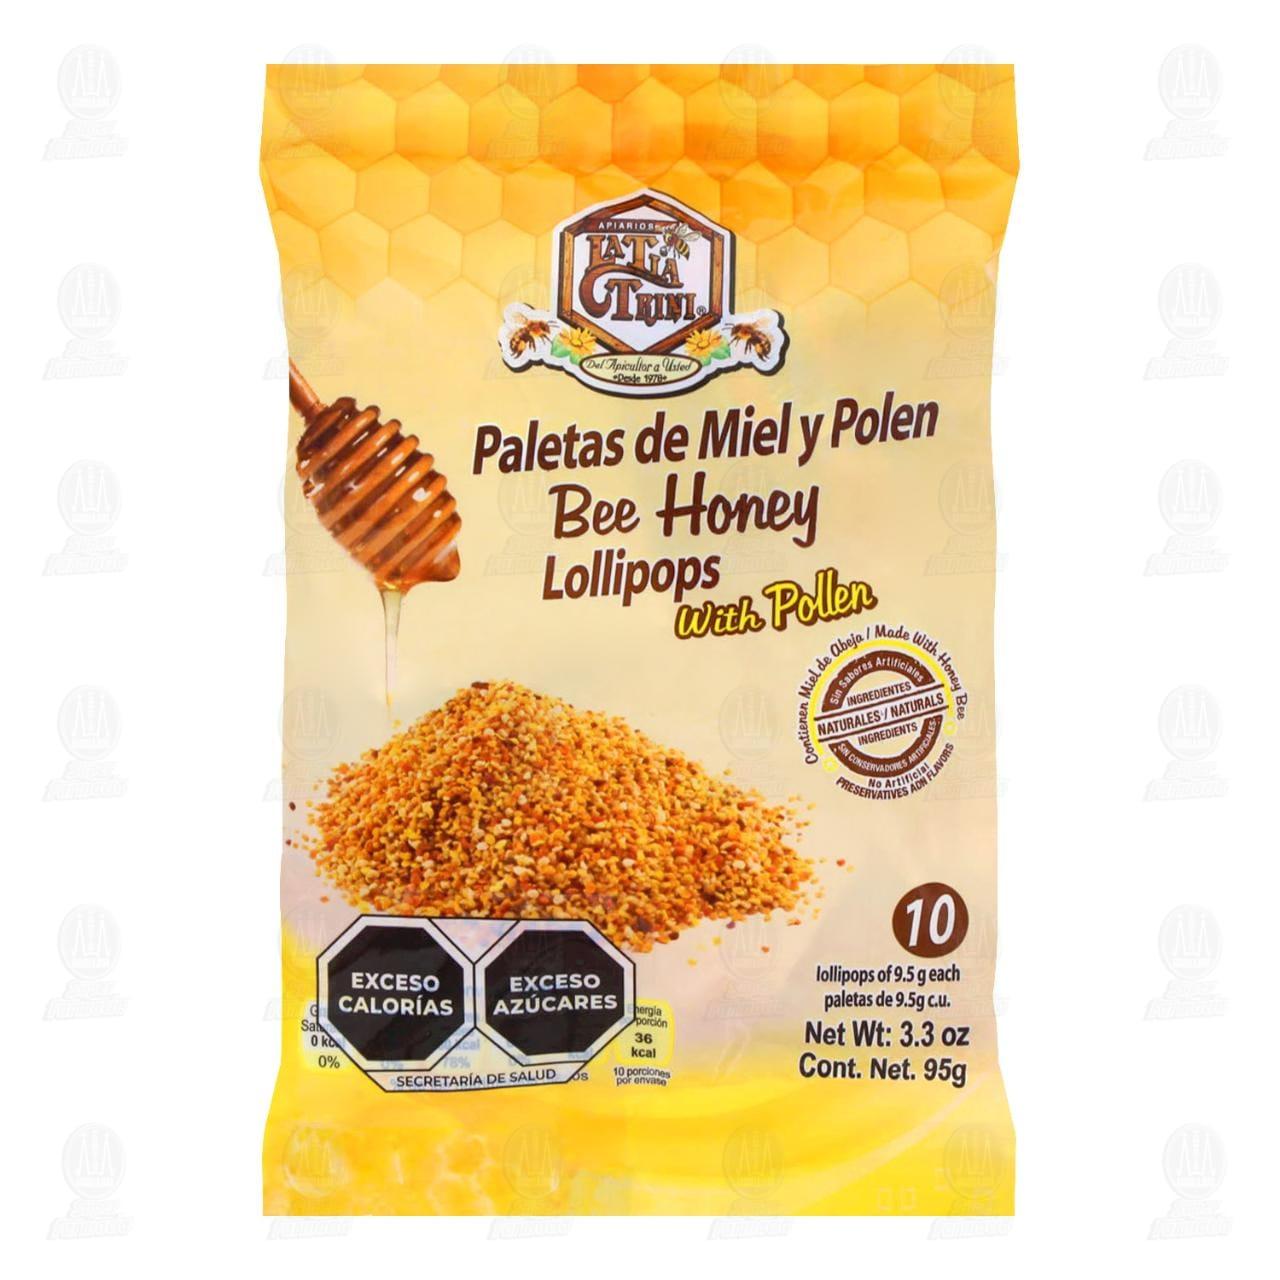 Comprar Tía Trini Miel Polen 10 Paletas en Farmacias Guadalajara